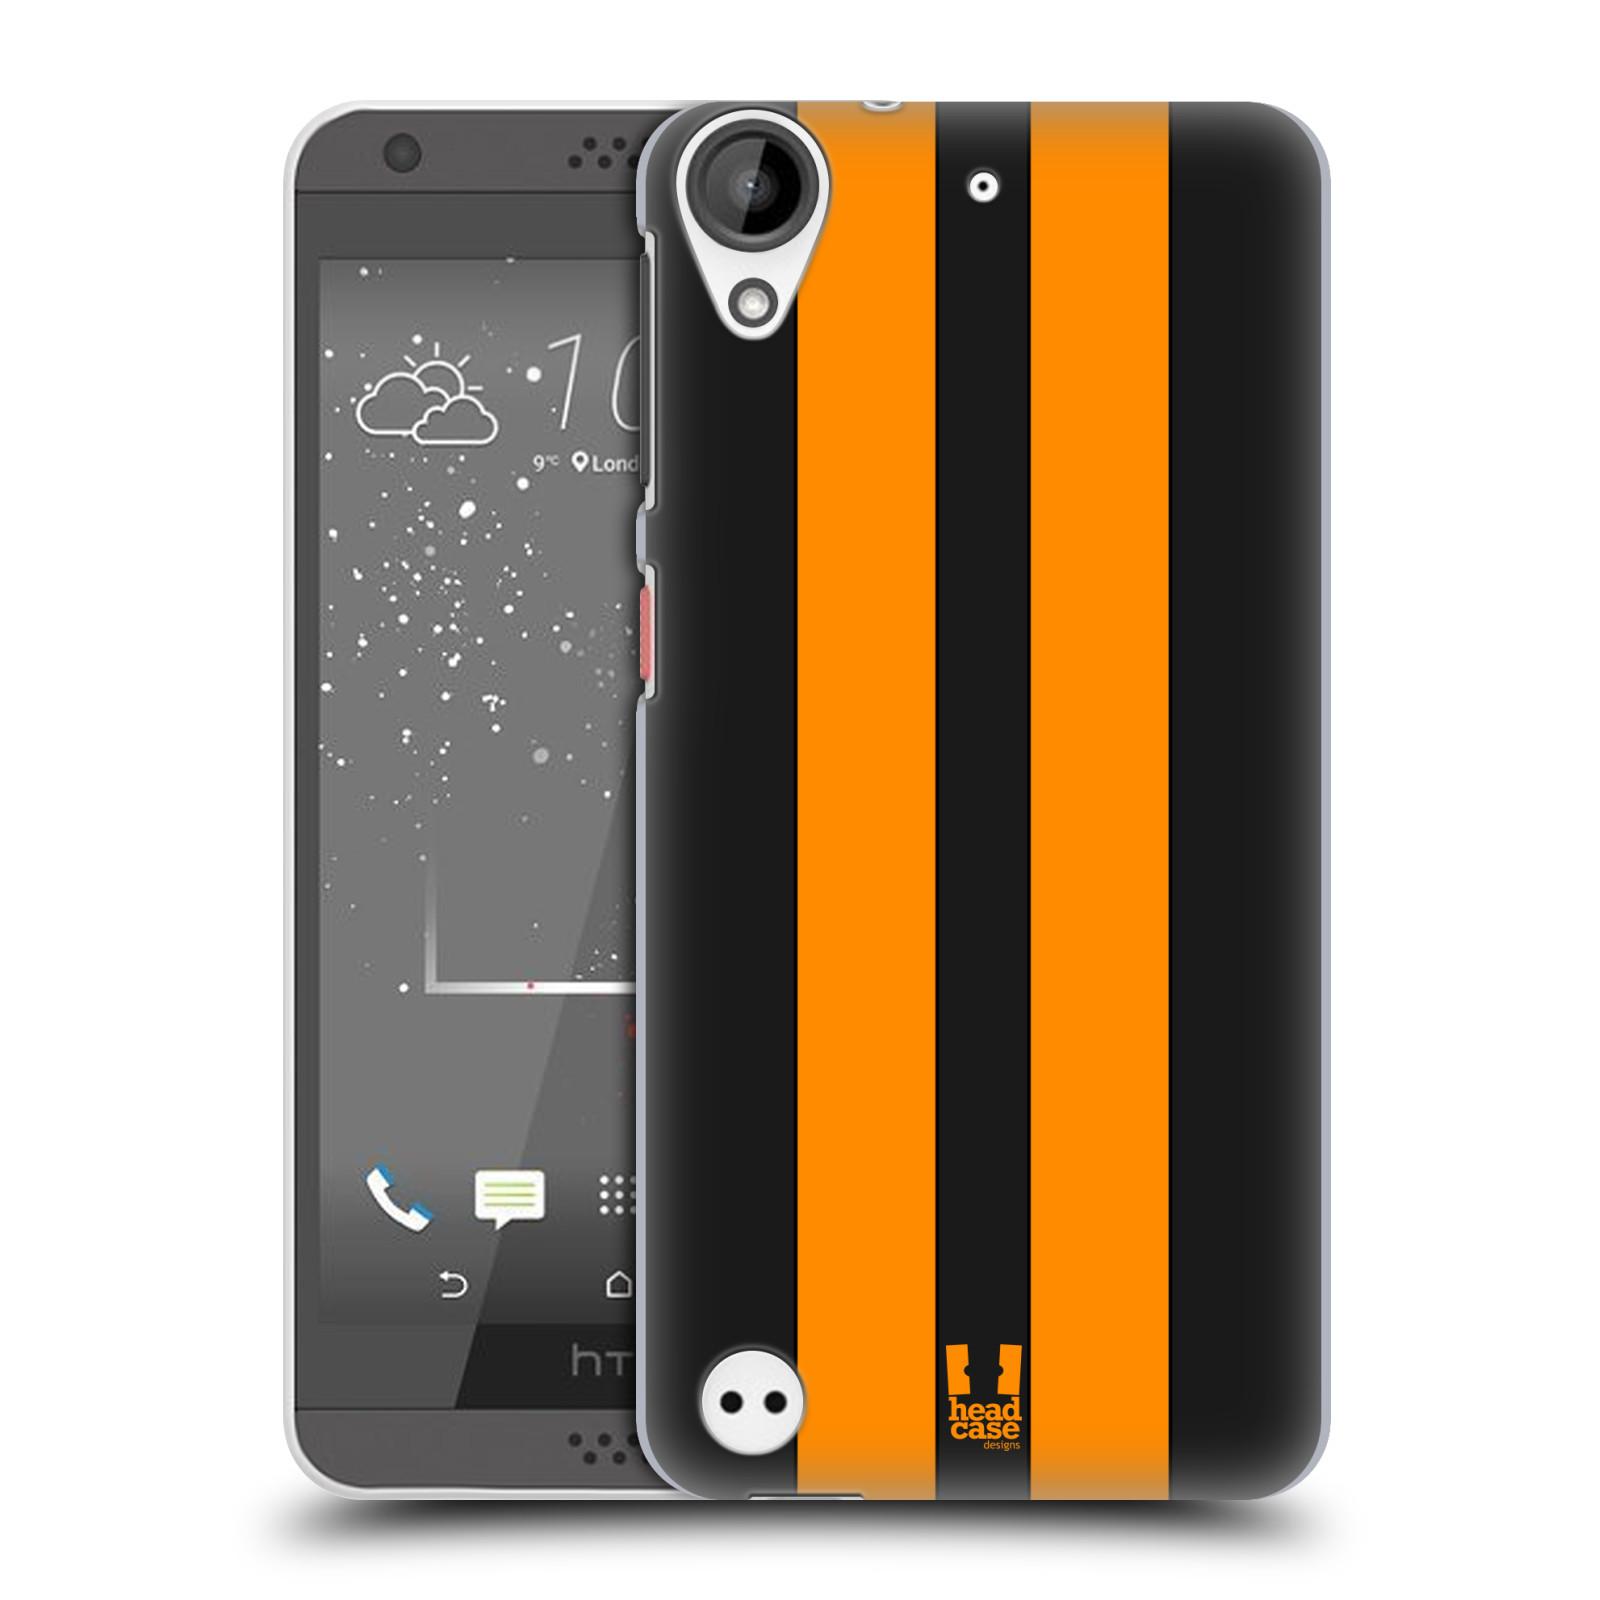 Plastové pouzdro na mobil HTC Desire 530 HEAD CASE ŽLUTÉ A ČERNÉ PRUHY (Plastový kryt či obal na mobilní telefon HTC Desire 530)